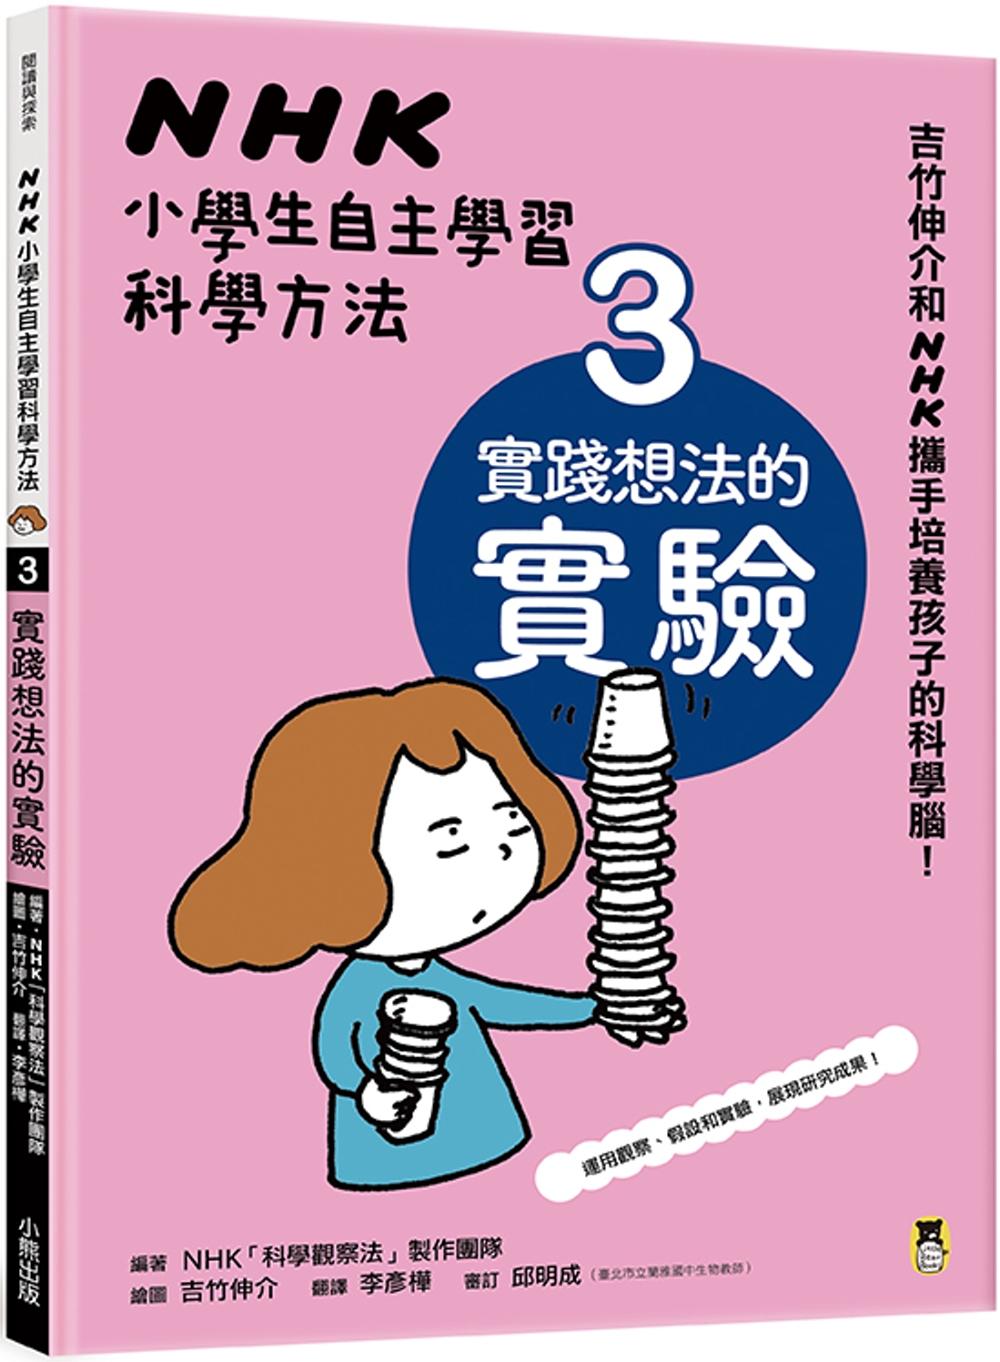 NHK小學生自主學習科學方法:3.實踐想法的實驗